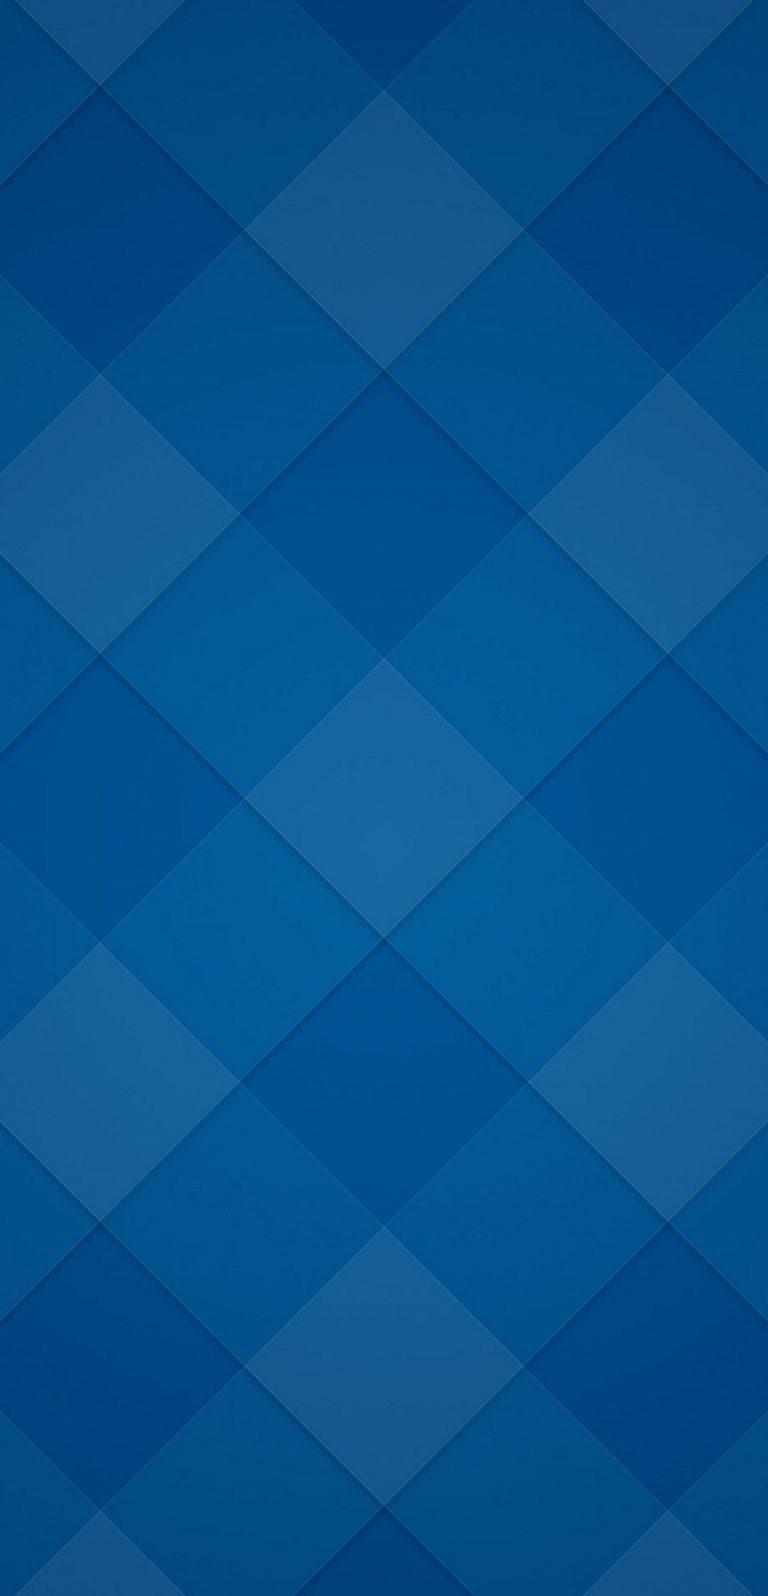 1080x2244 Wallpaper 083 768x1596